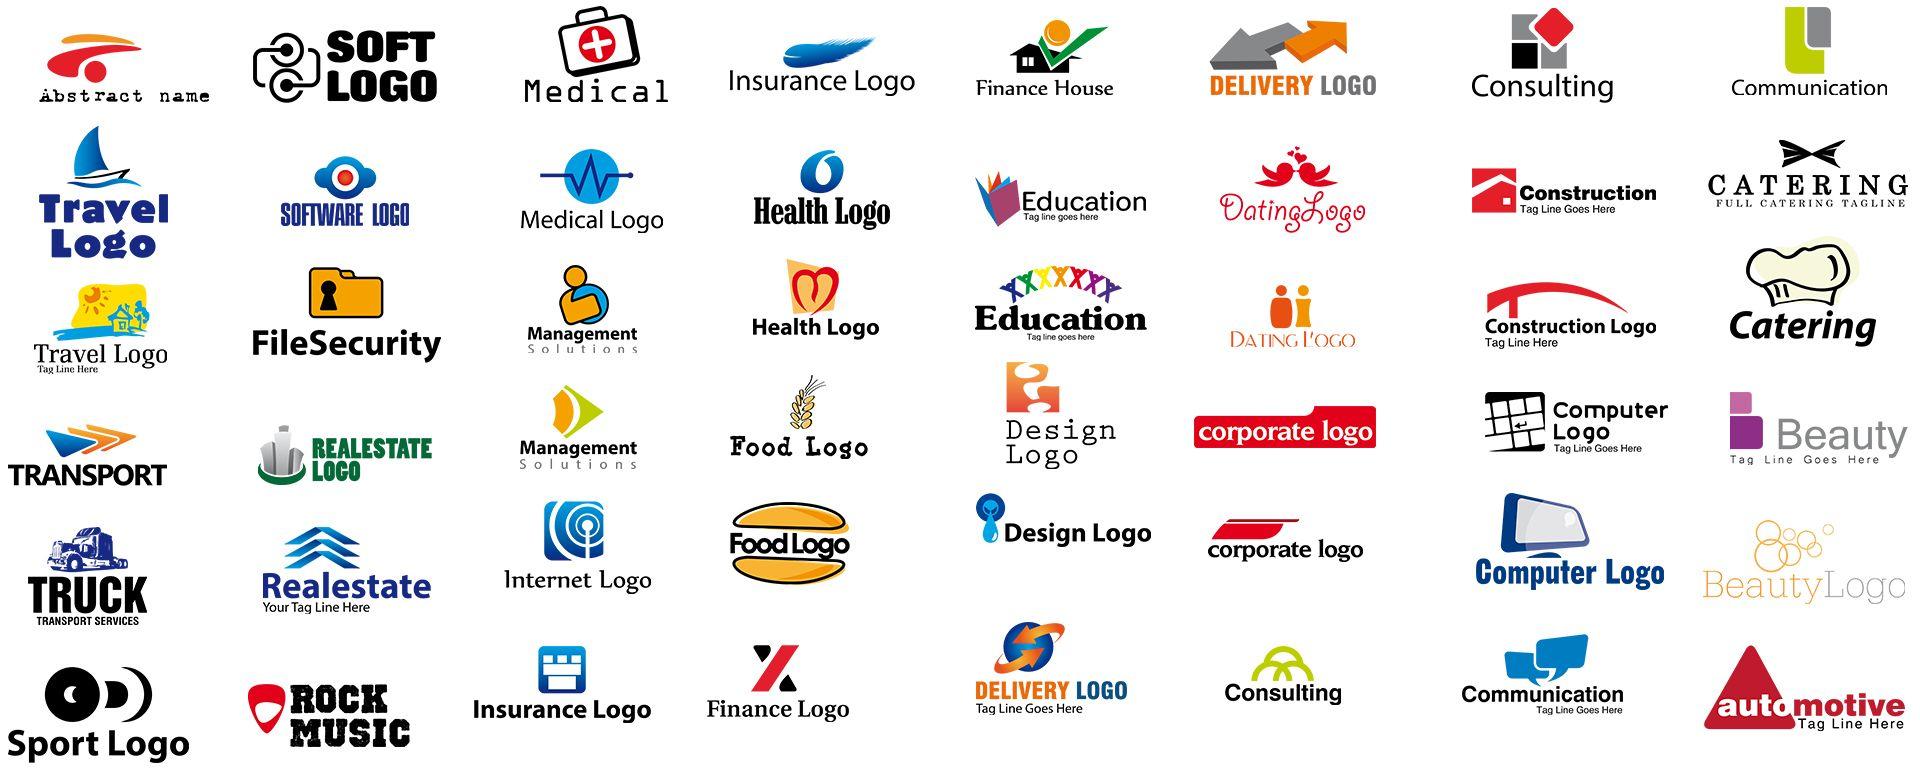 Alcohol120 retail 2.0.1.2031 Free logo templates, Free